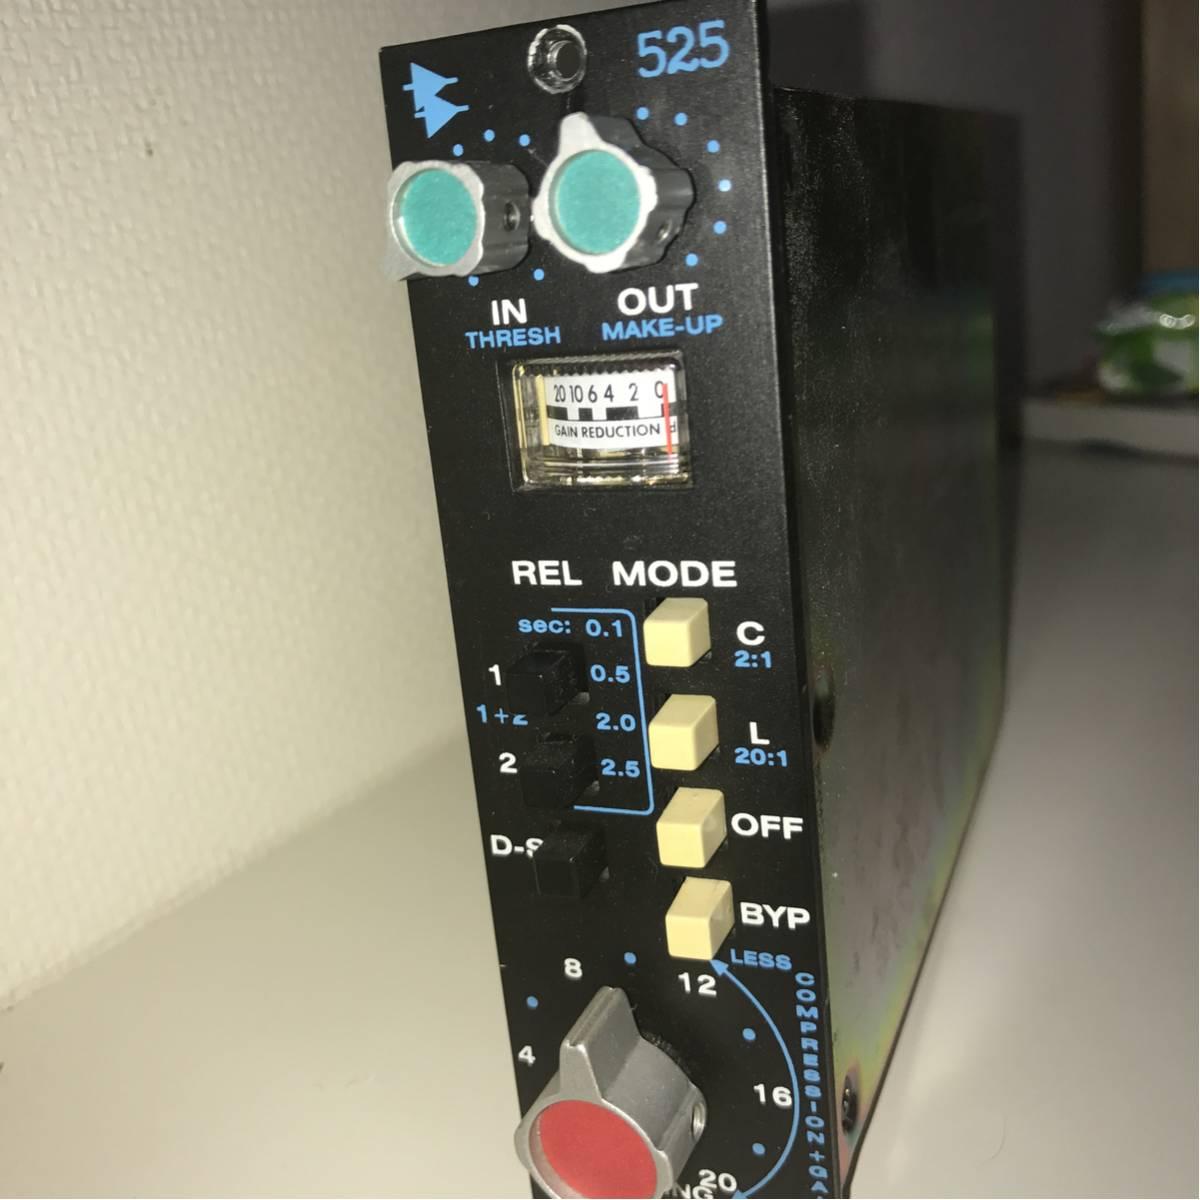 良好品 API 525 コンプレッサー・リミッター 多数出品中 / AMS NEVE Manley SSL Pultec Purple Audio Universal API BAE Amek